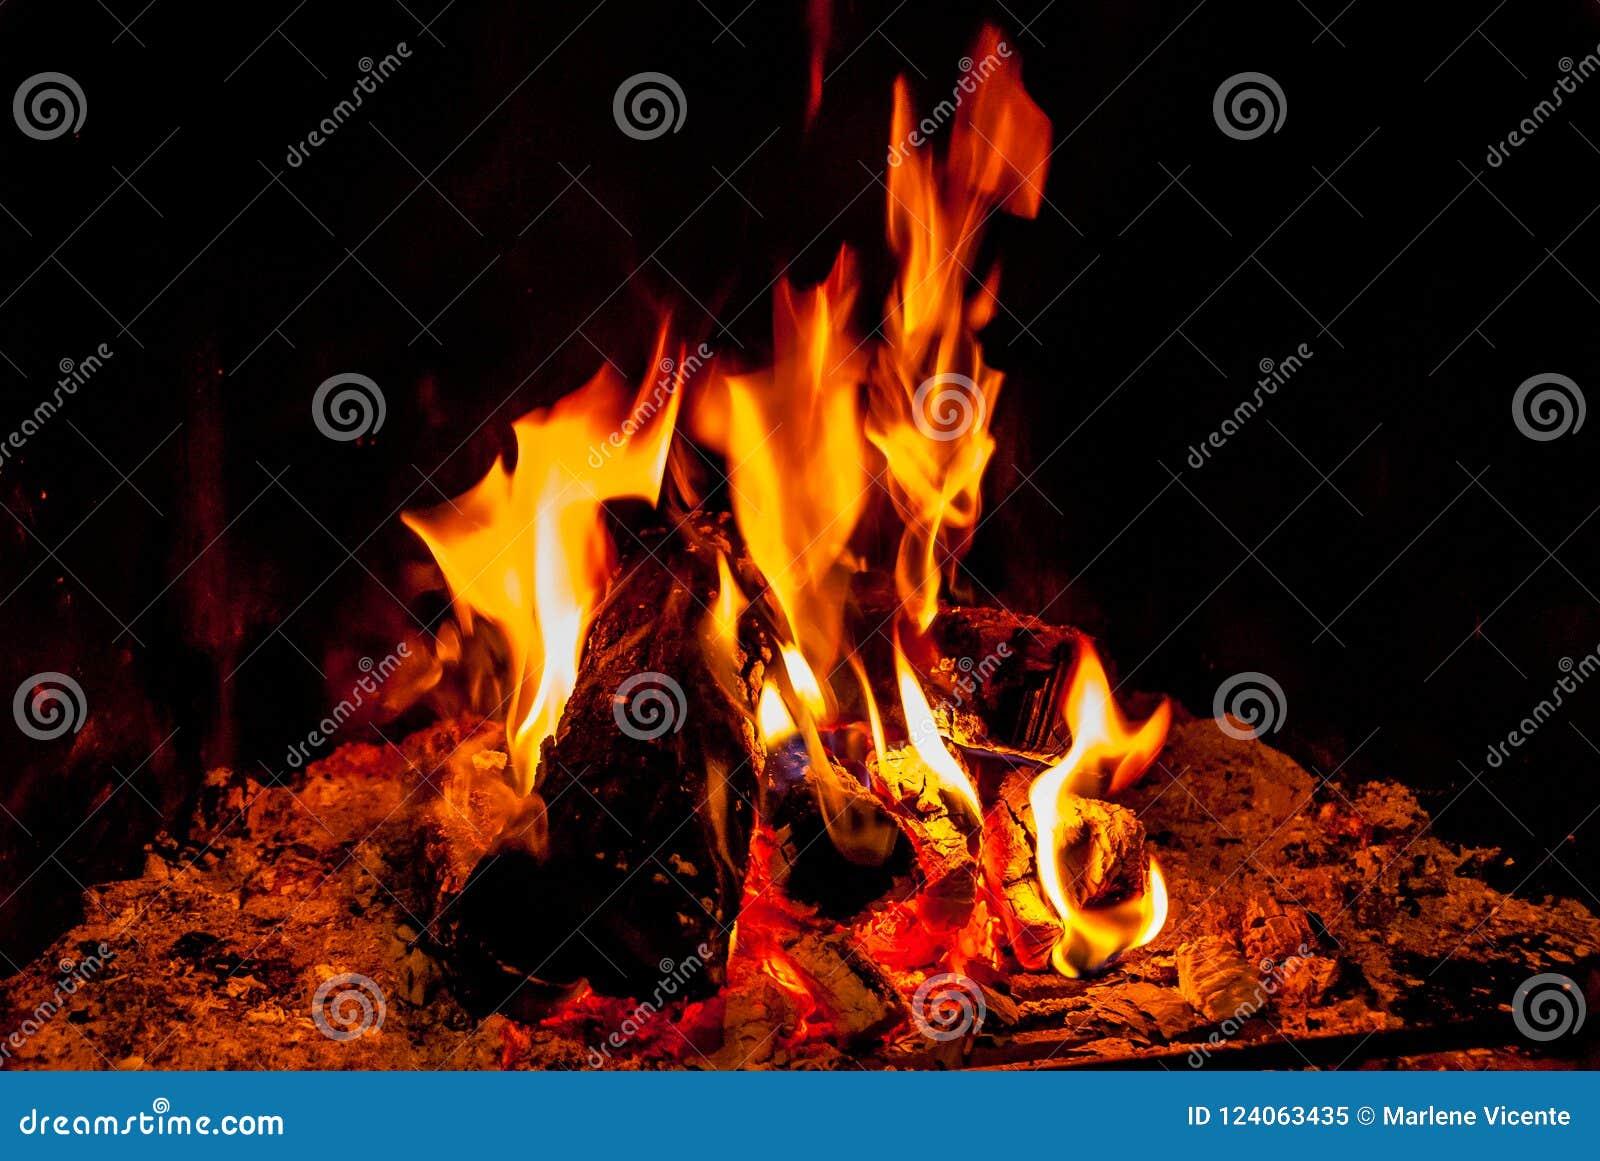 烟囱火给热